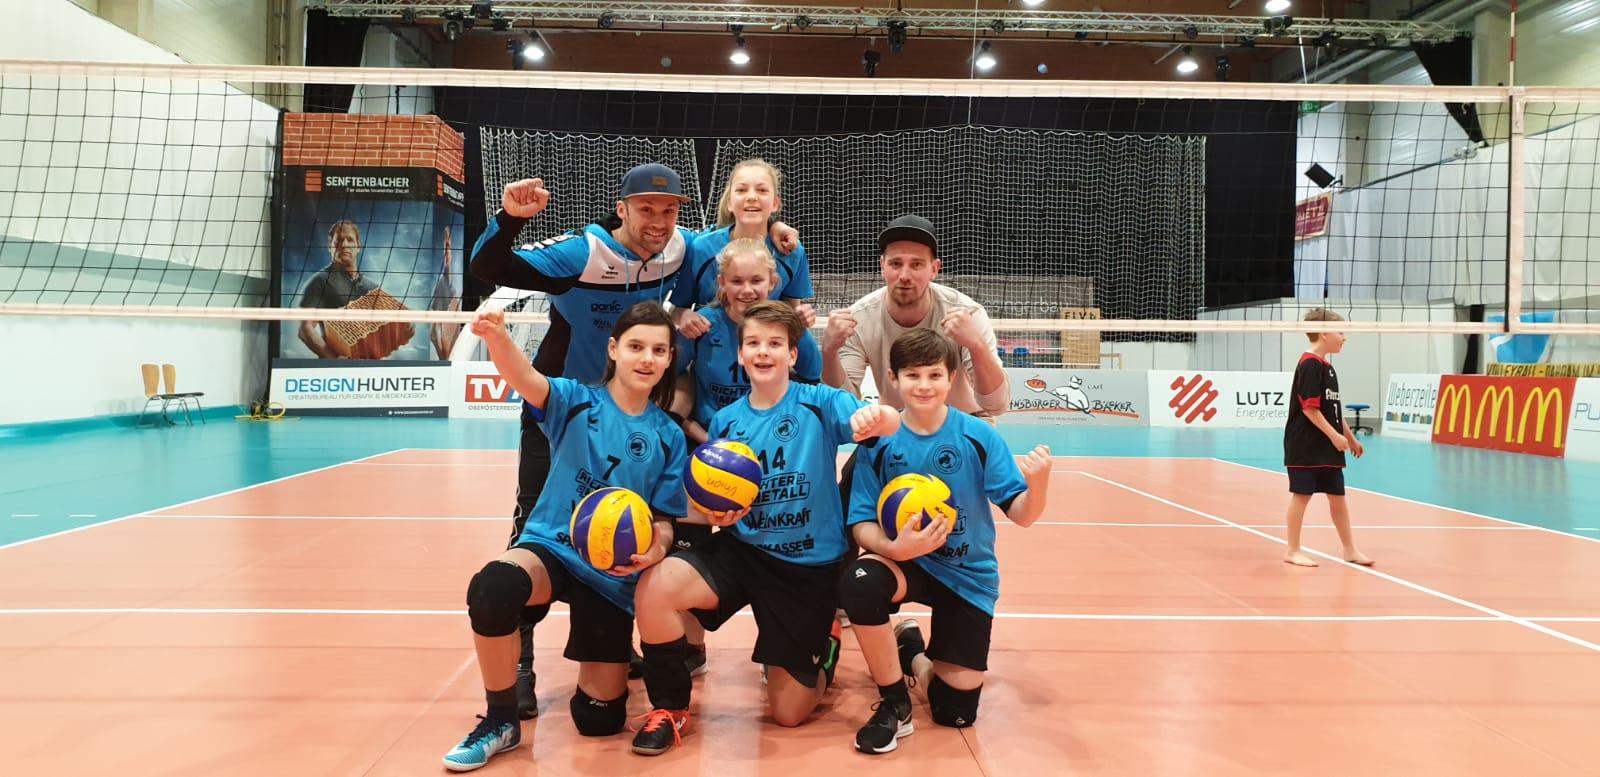 U13 Burschen/Mixed gewinnen beide Spiele!